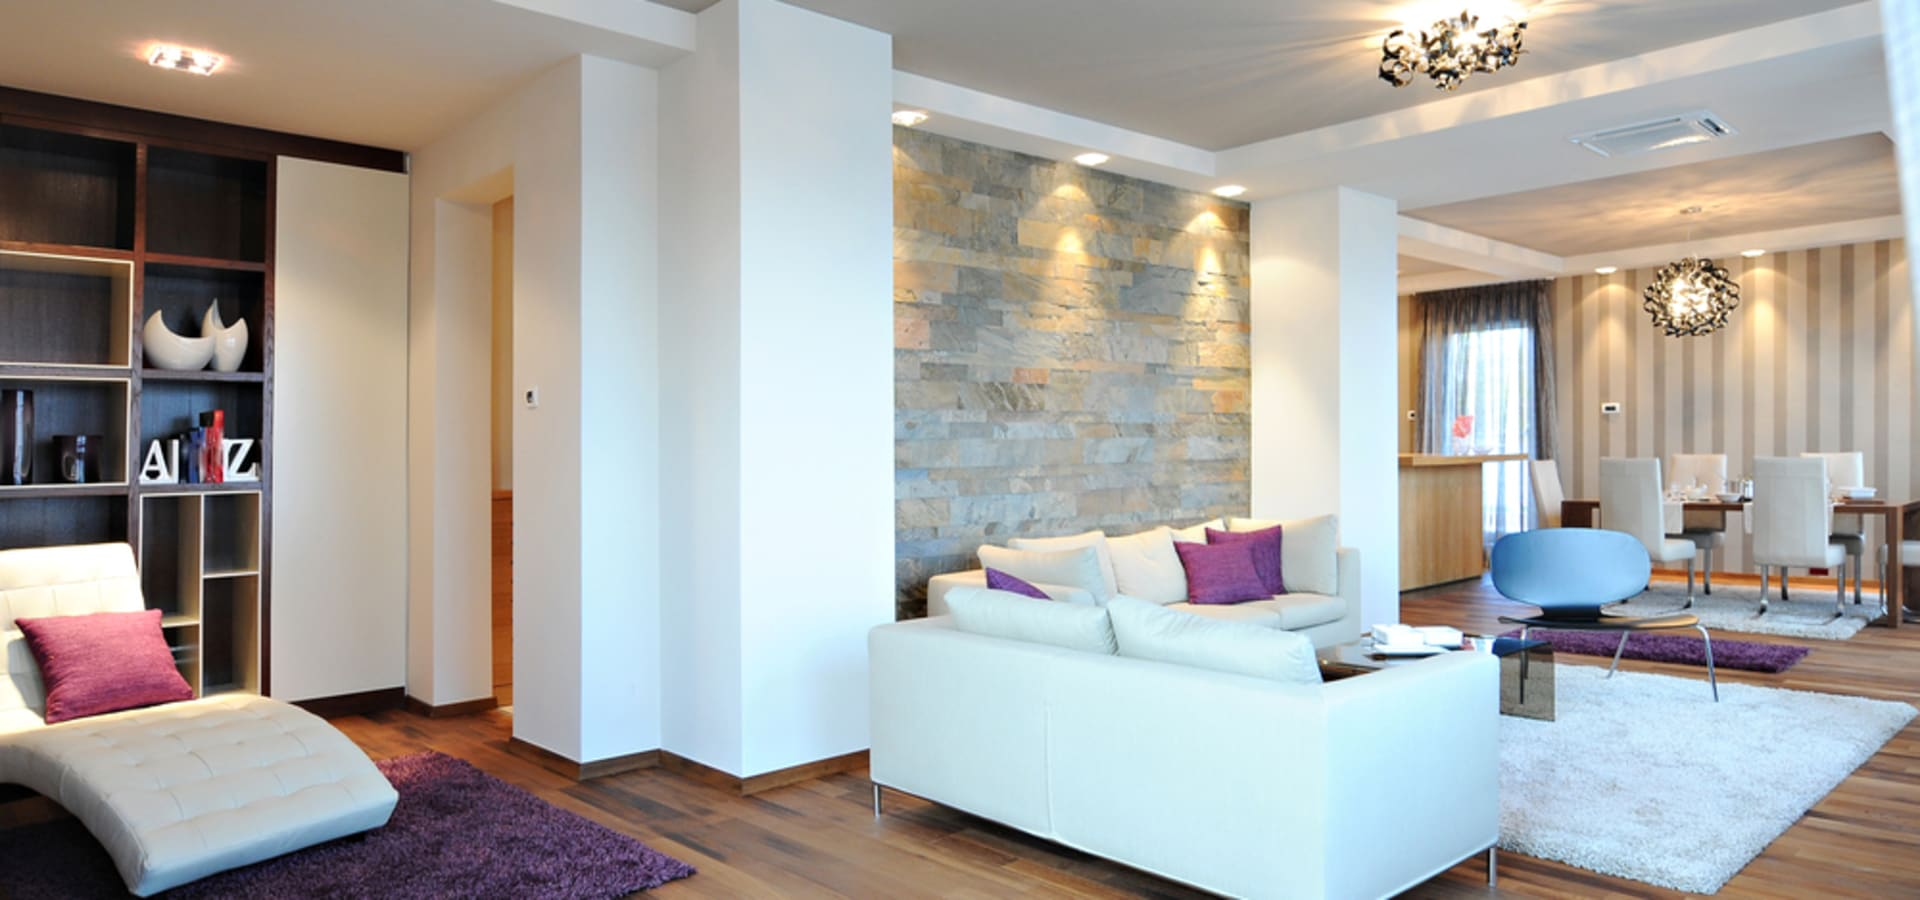 Thisiadis Interior